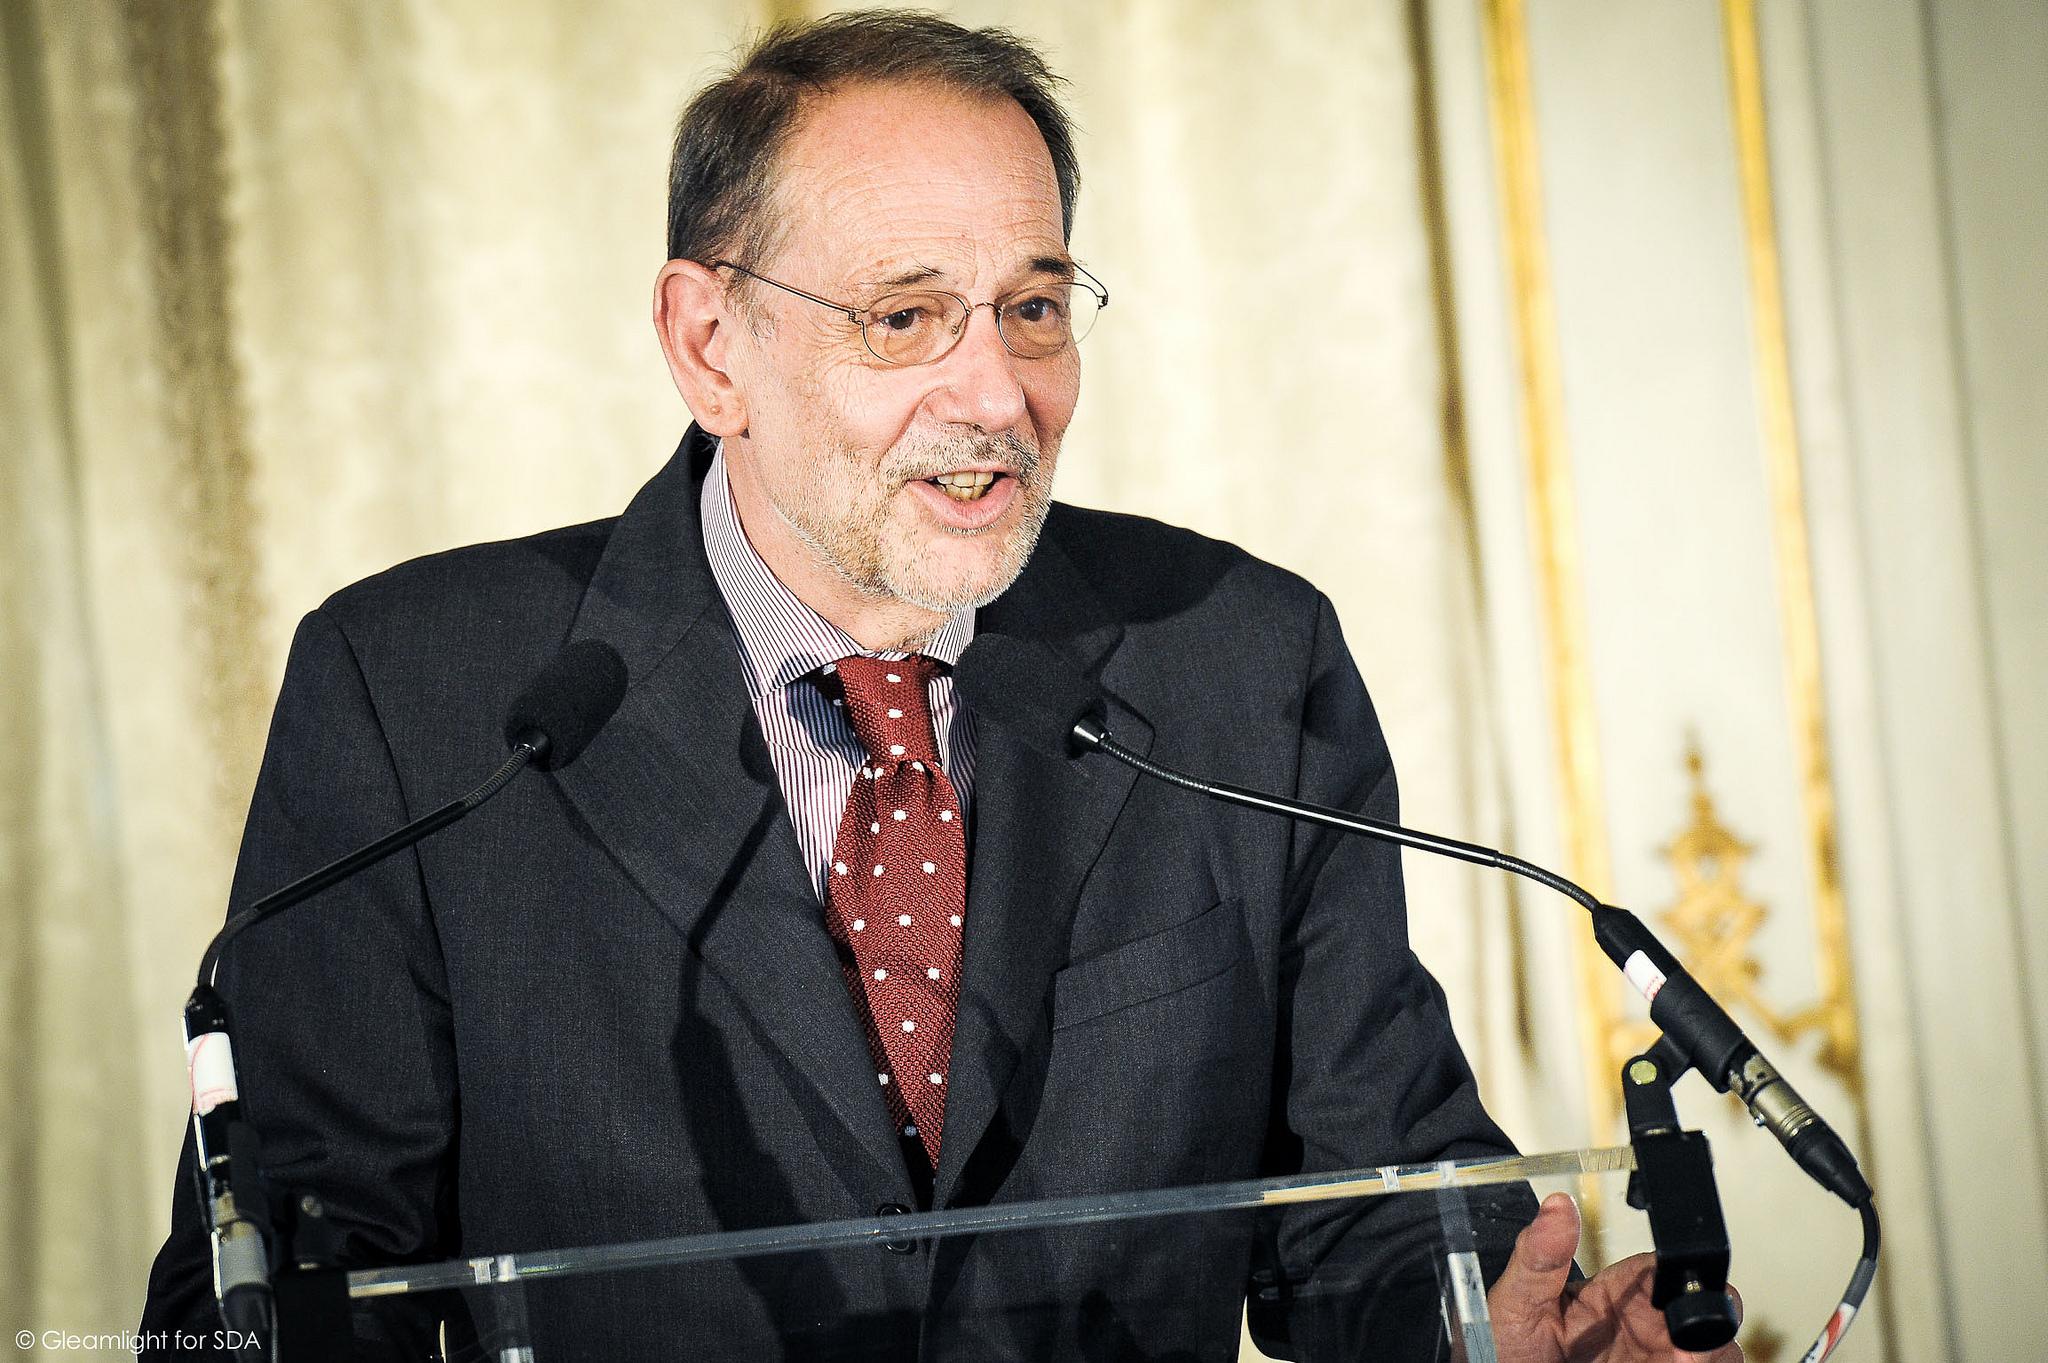 Le diplomate et homme politique espagnol, Javier Solana